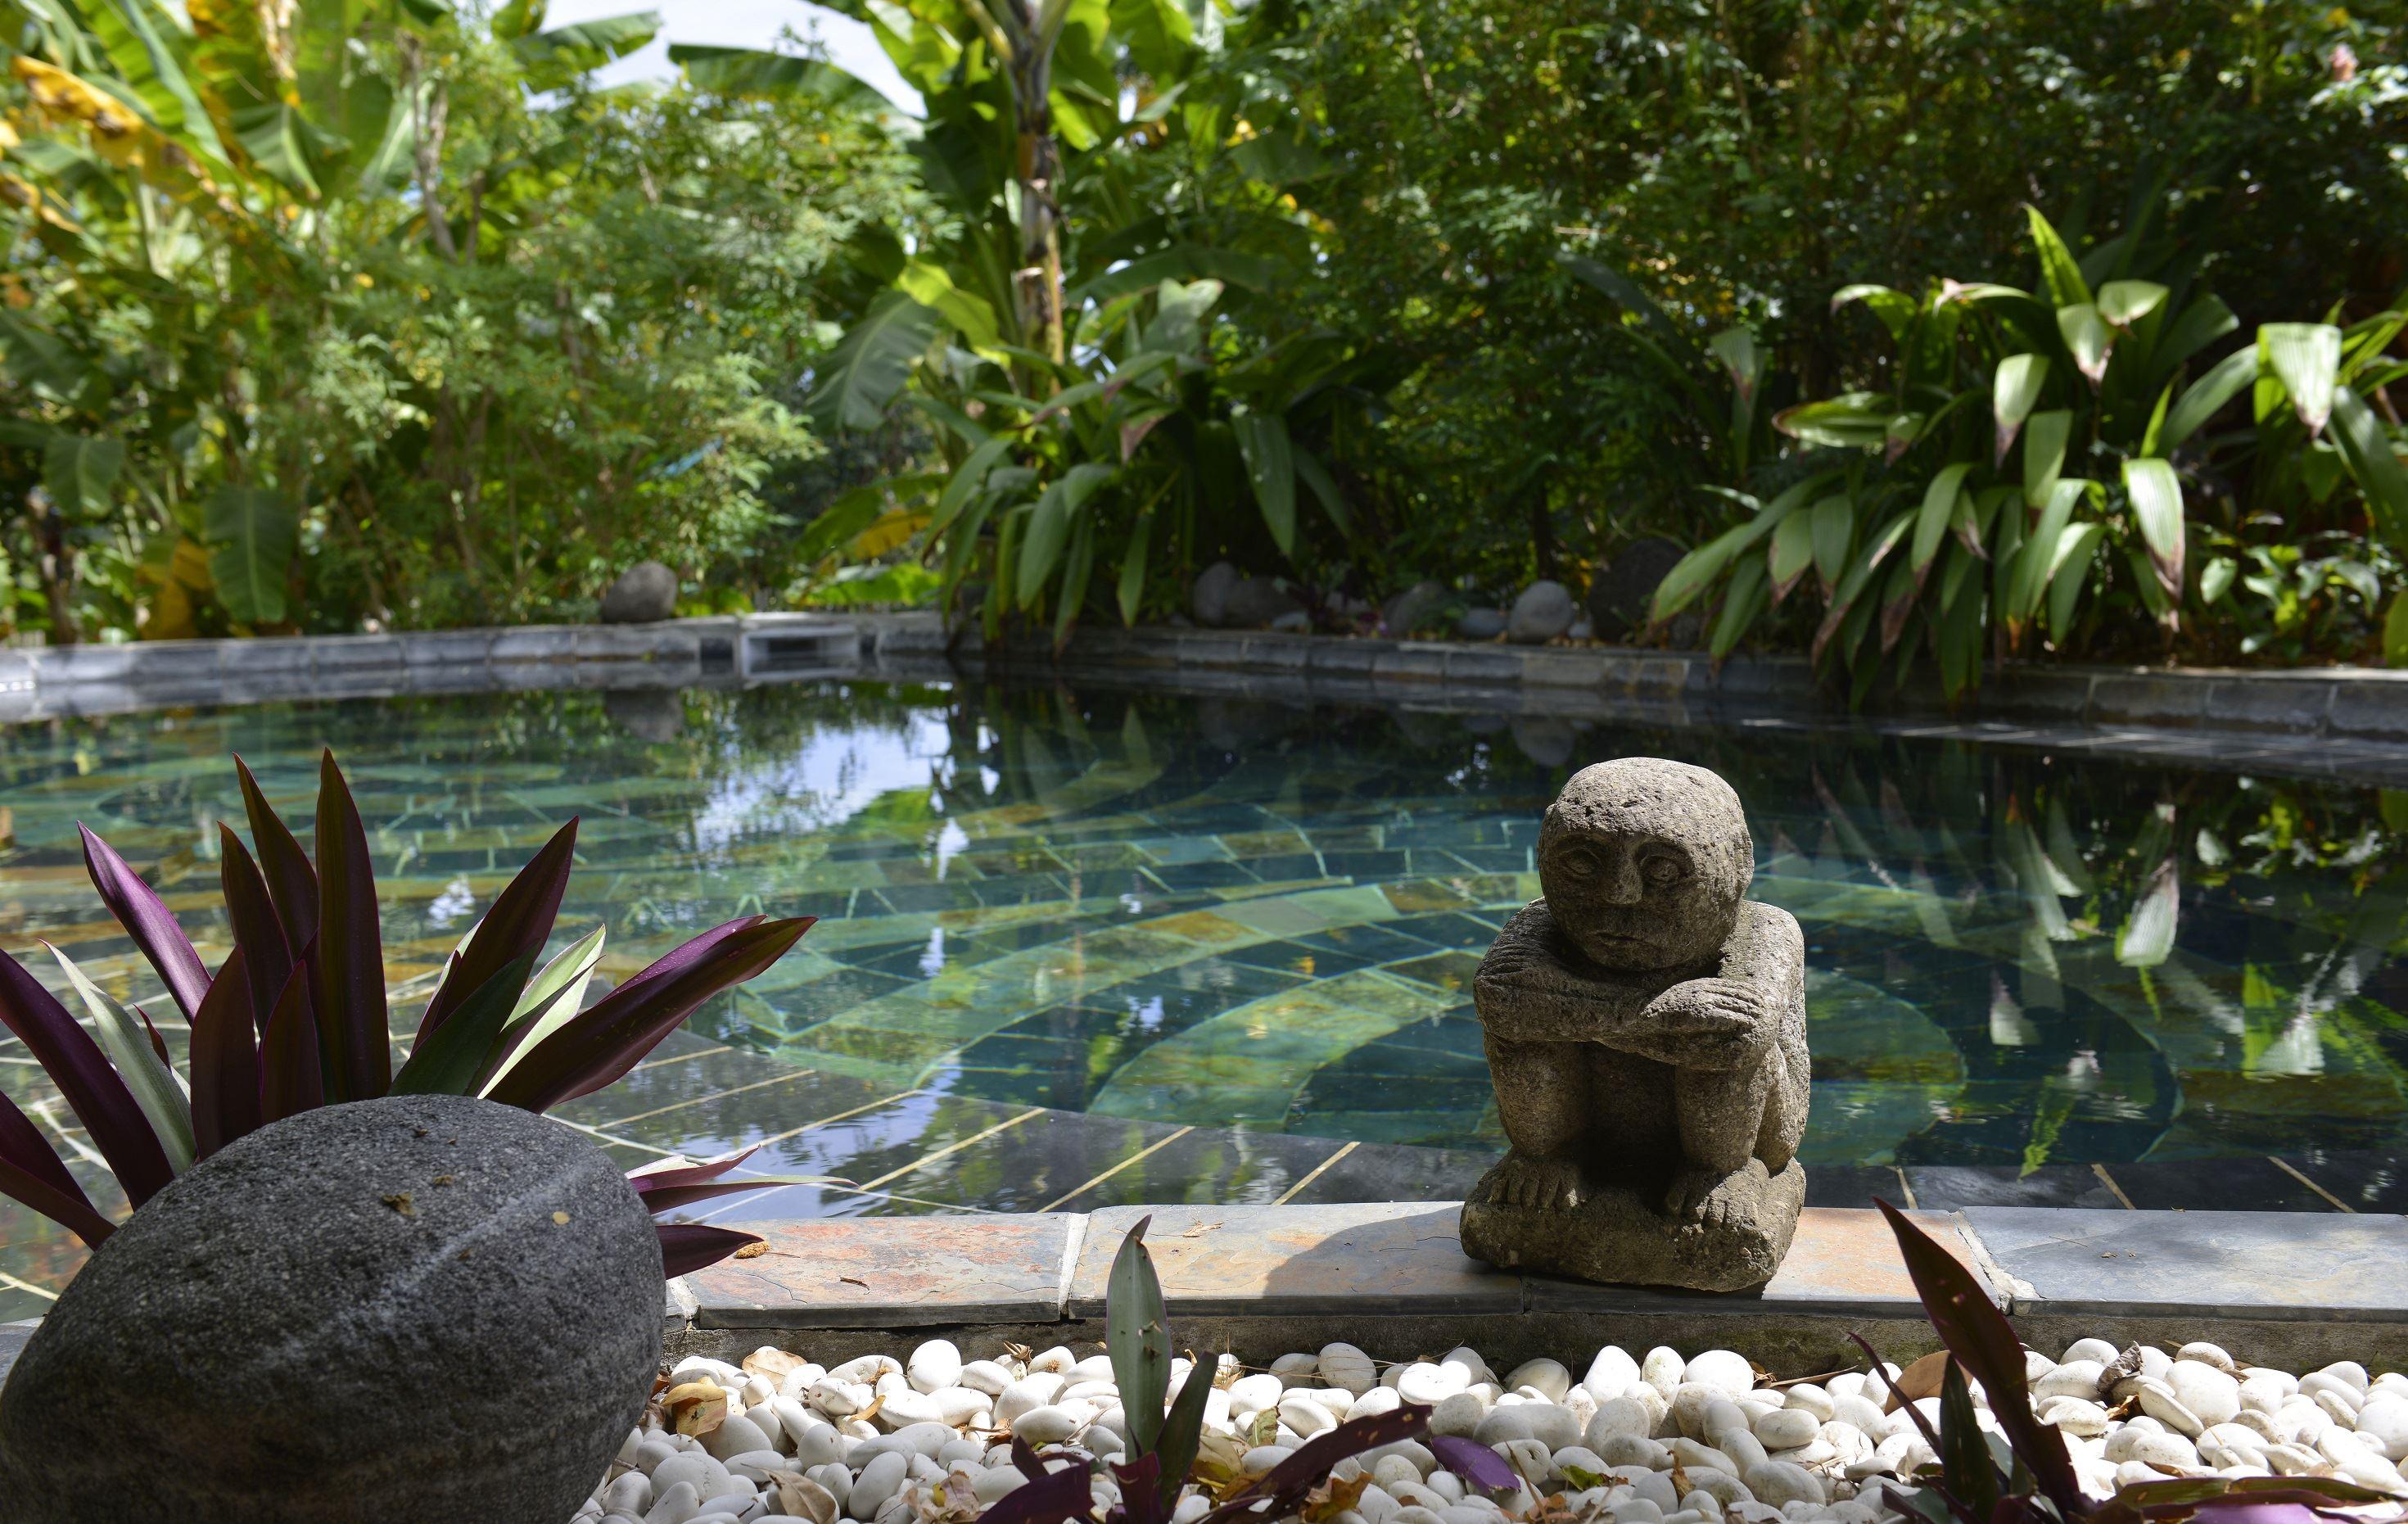 Zarlor (thematische Entdeckung eines Schatzes des Westens der Insel) Entspannung - Natur-Wellness